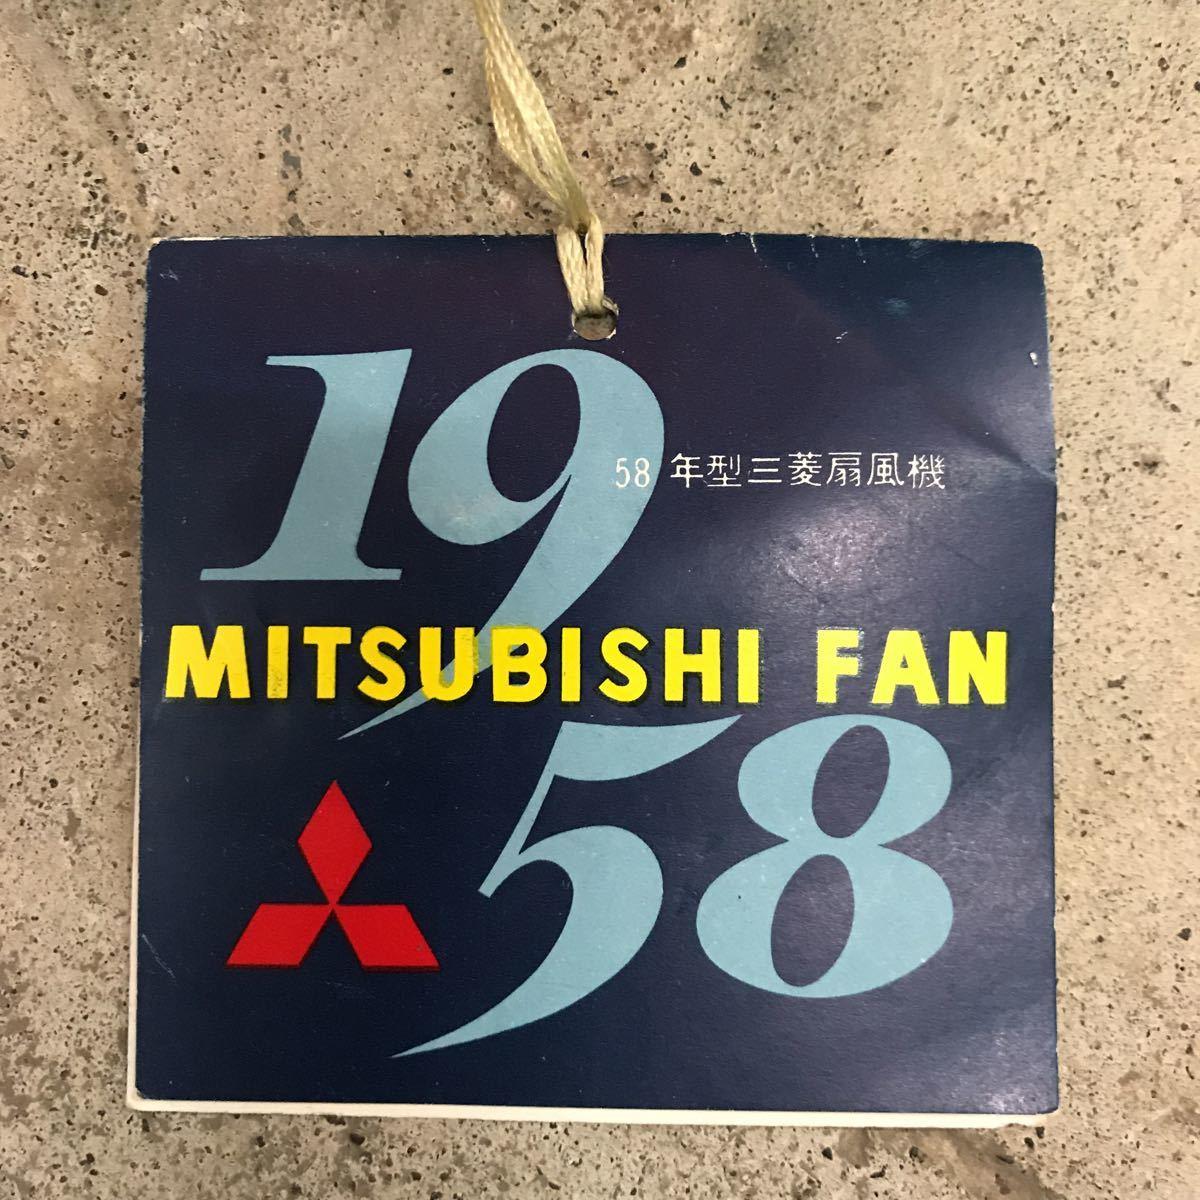 MITUBISHI 三菱 扇風機 稼働品 元箱付 細目標準扇 30cm レトロ扇風機 昭和レトロ アンティーク 当時物 レア_画像6